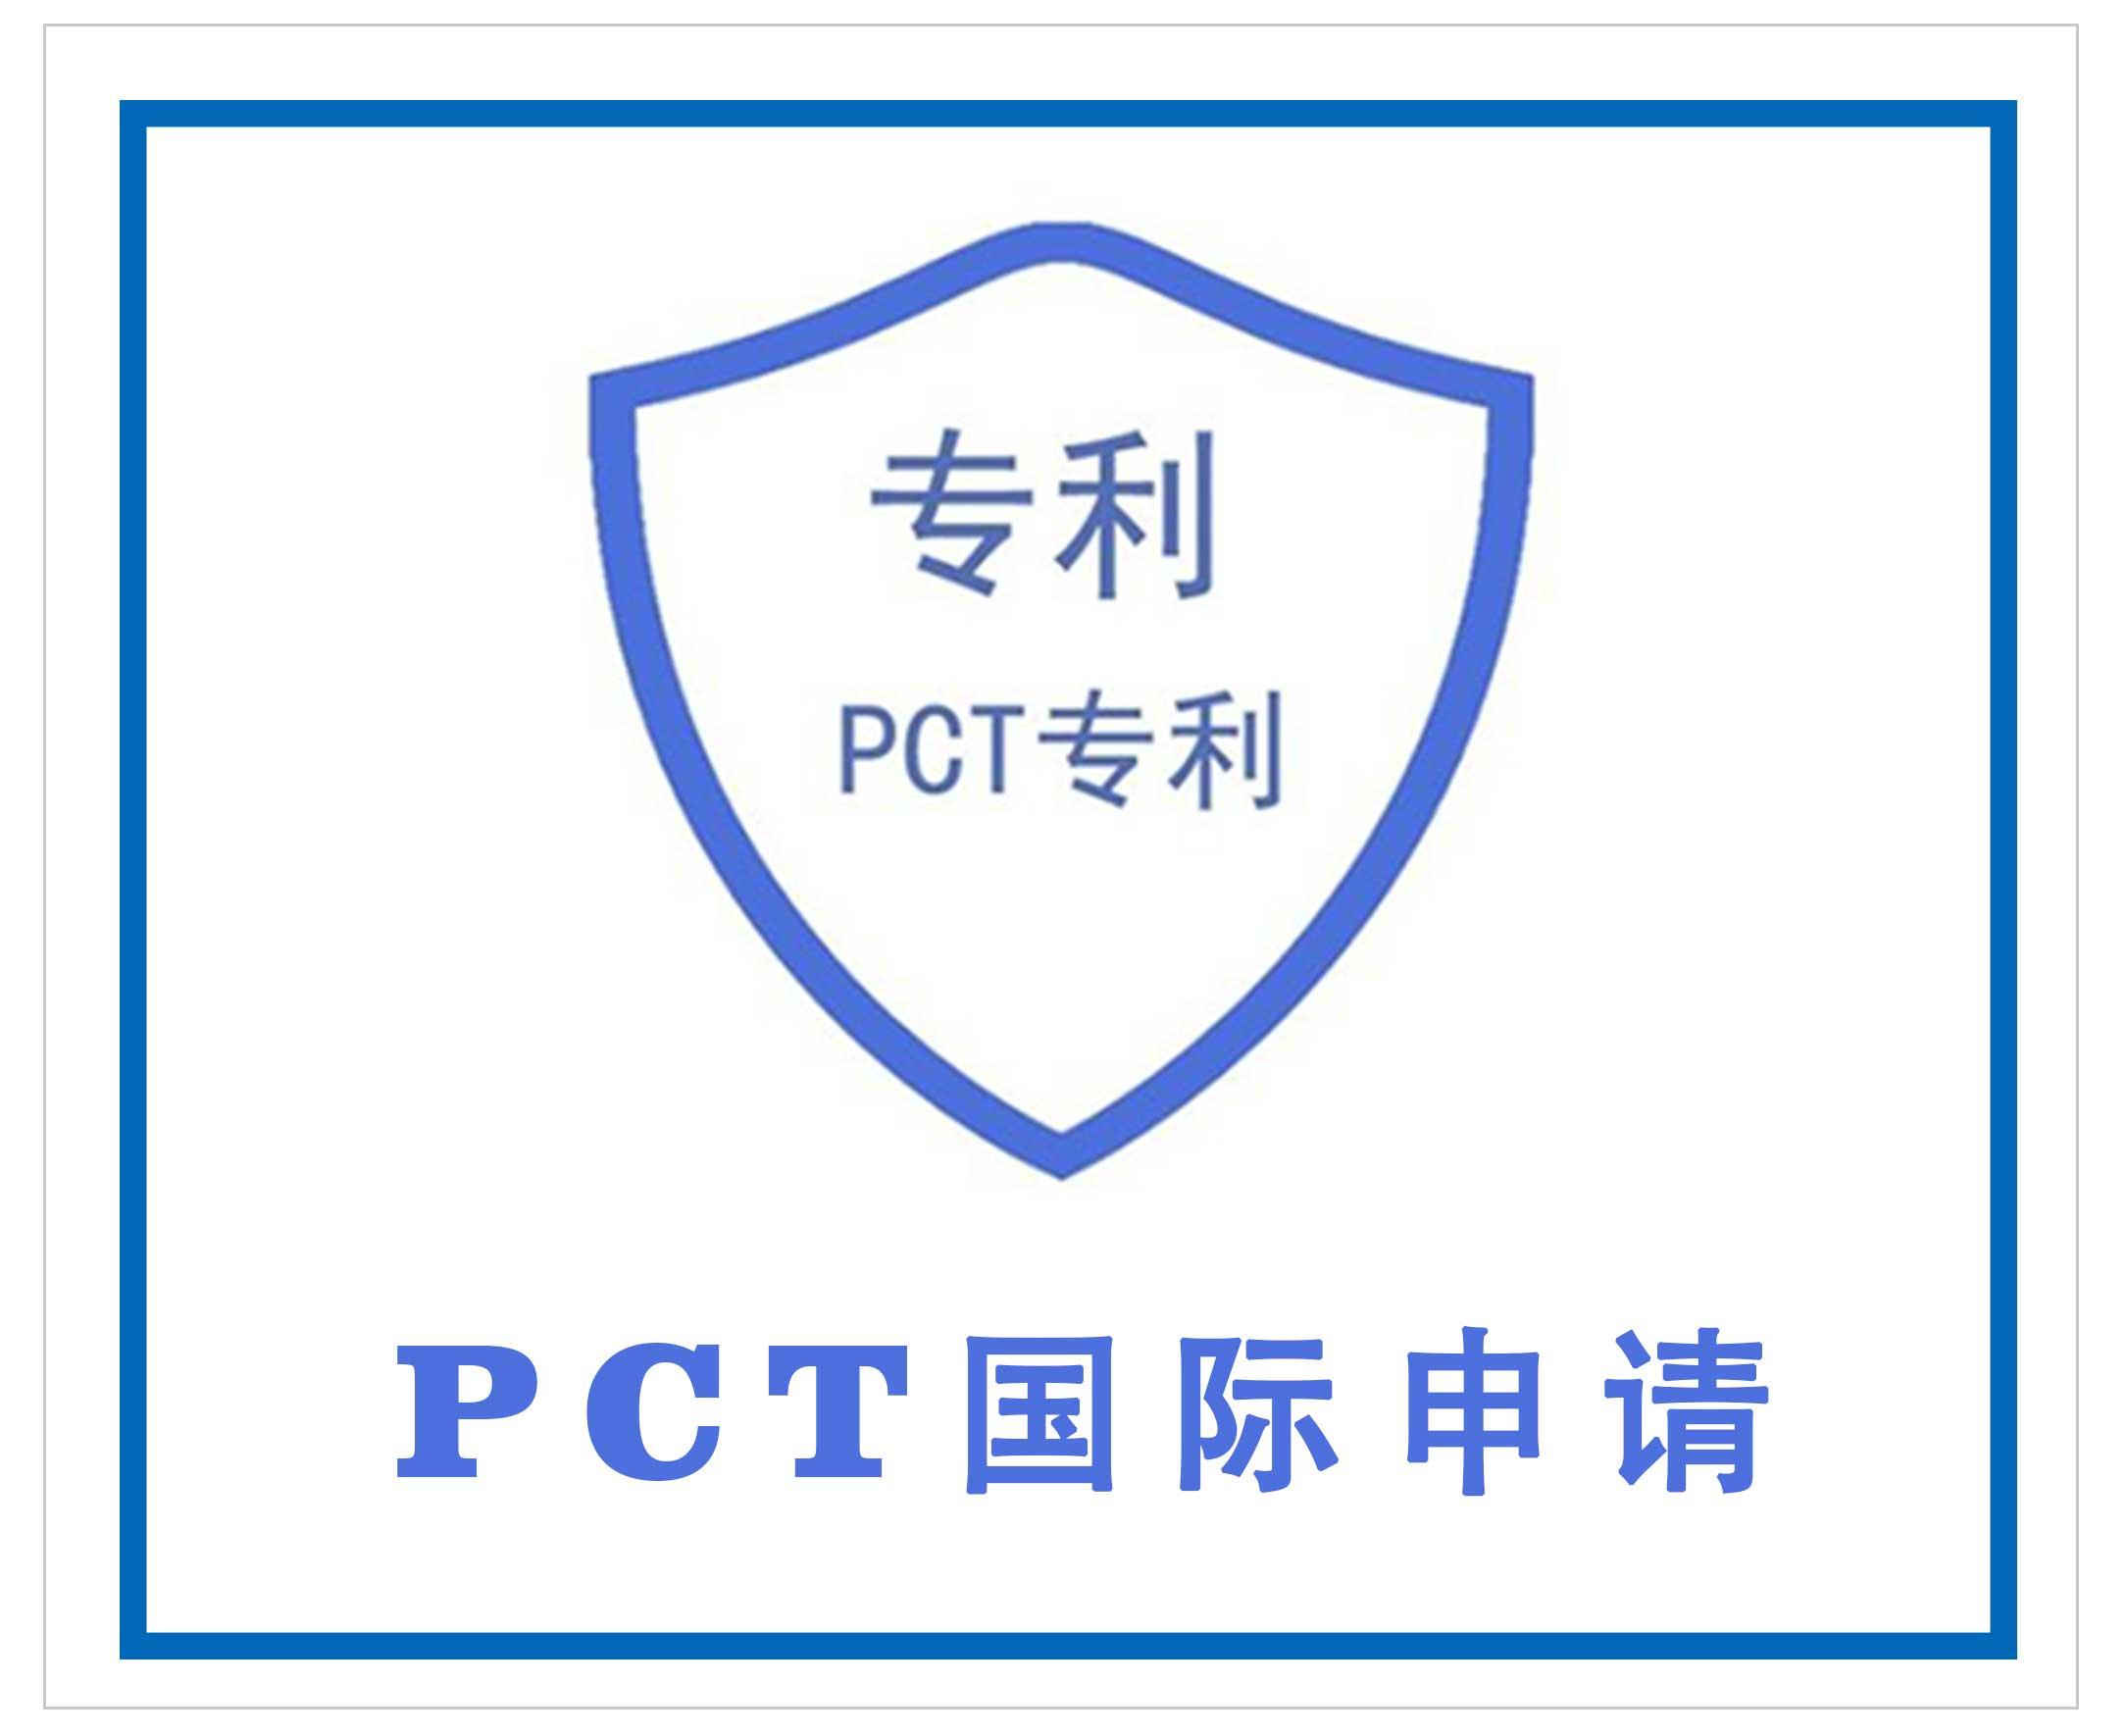 PCT国际申请